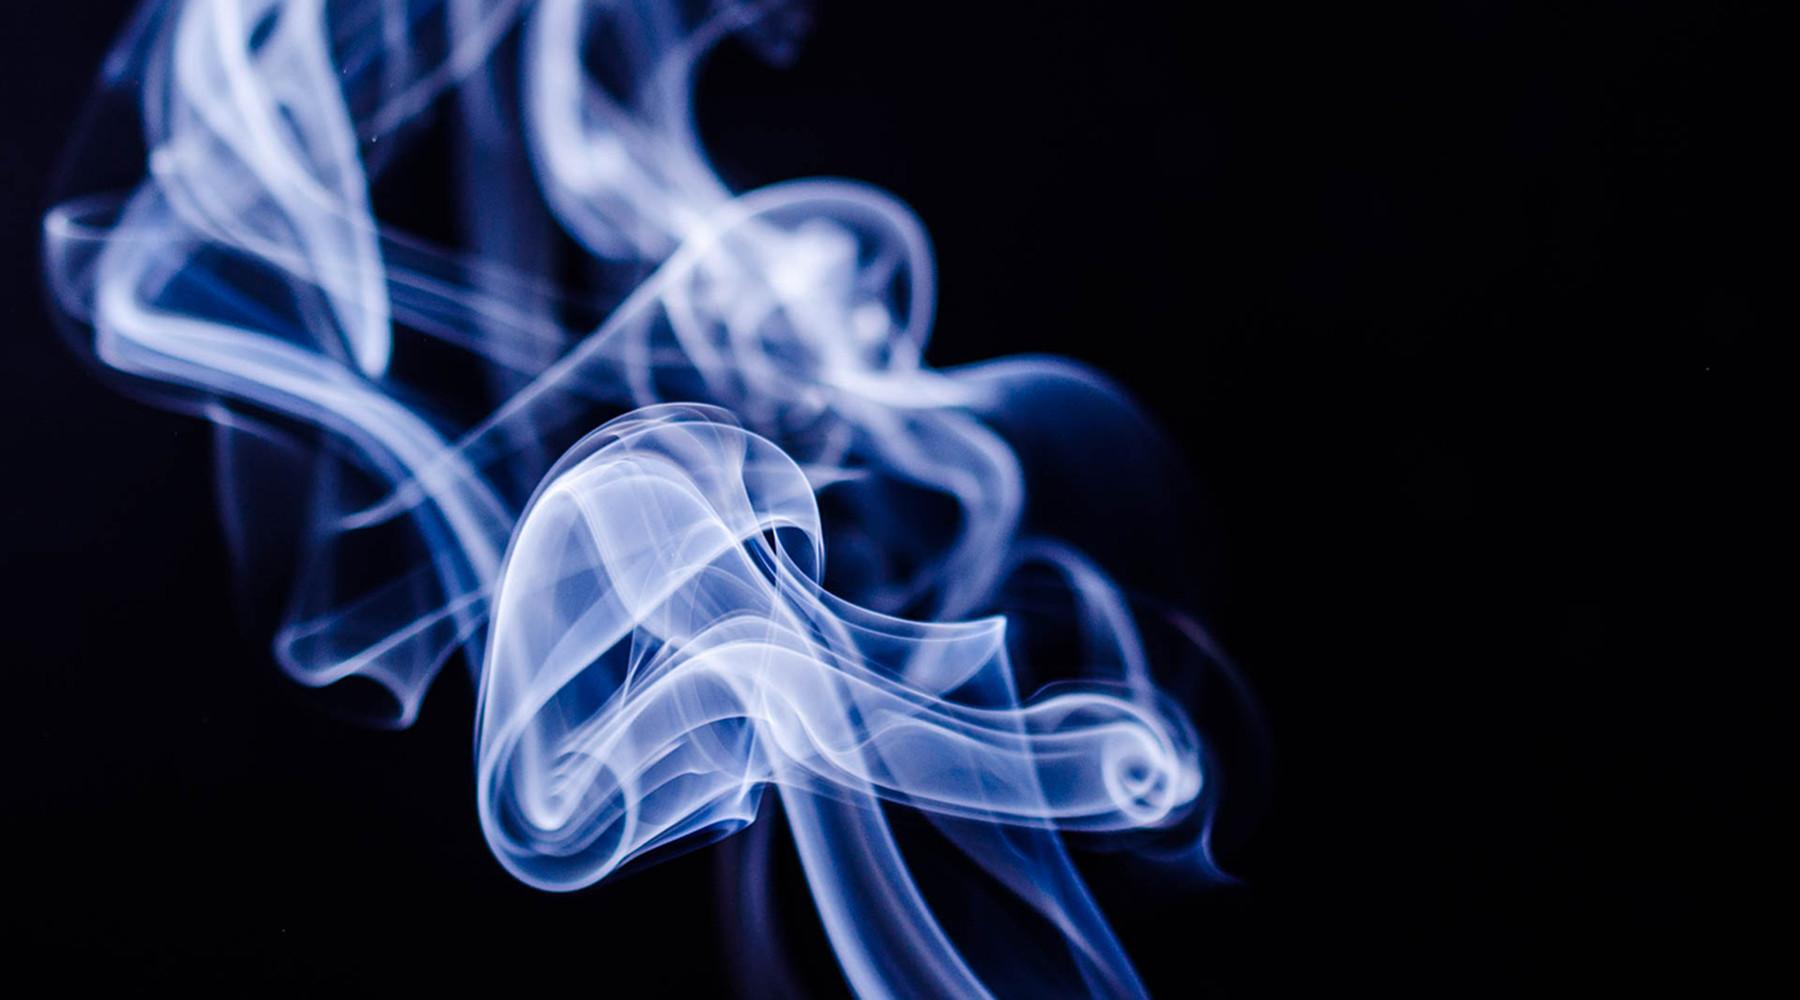 Экологический сбор: помогут ли новые меры Минздрава снизить число курящих - «Россия»